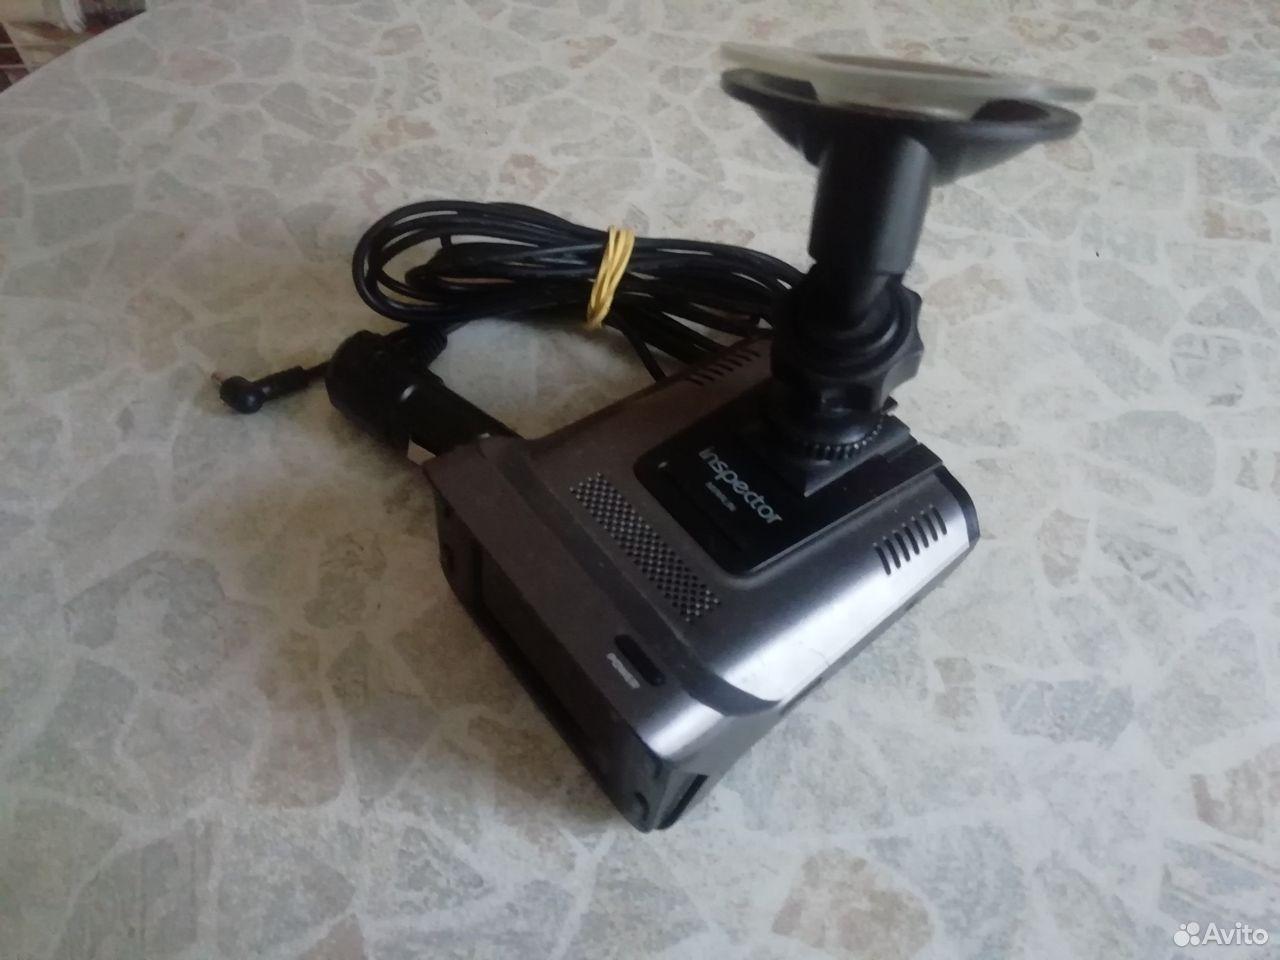 Автомобильный видеорегистратор Inspector Marlin  89231912777 купить 2